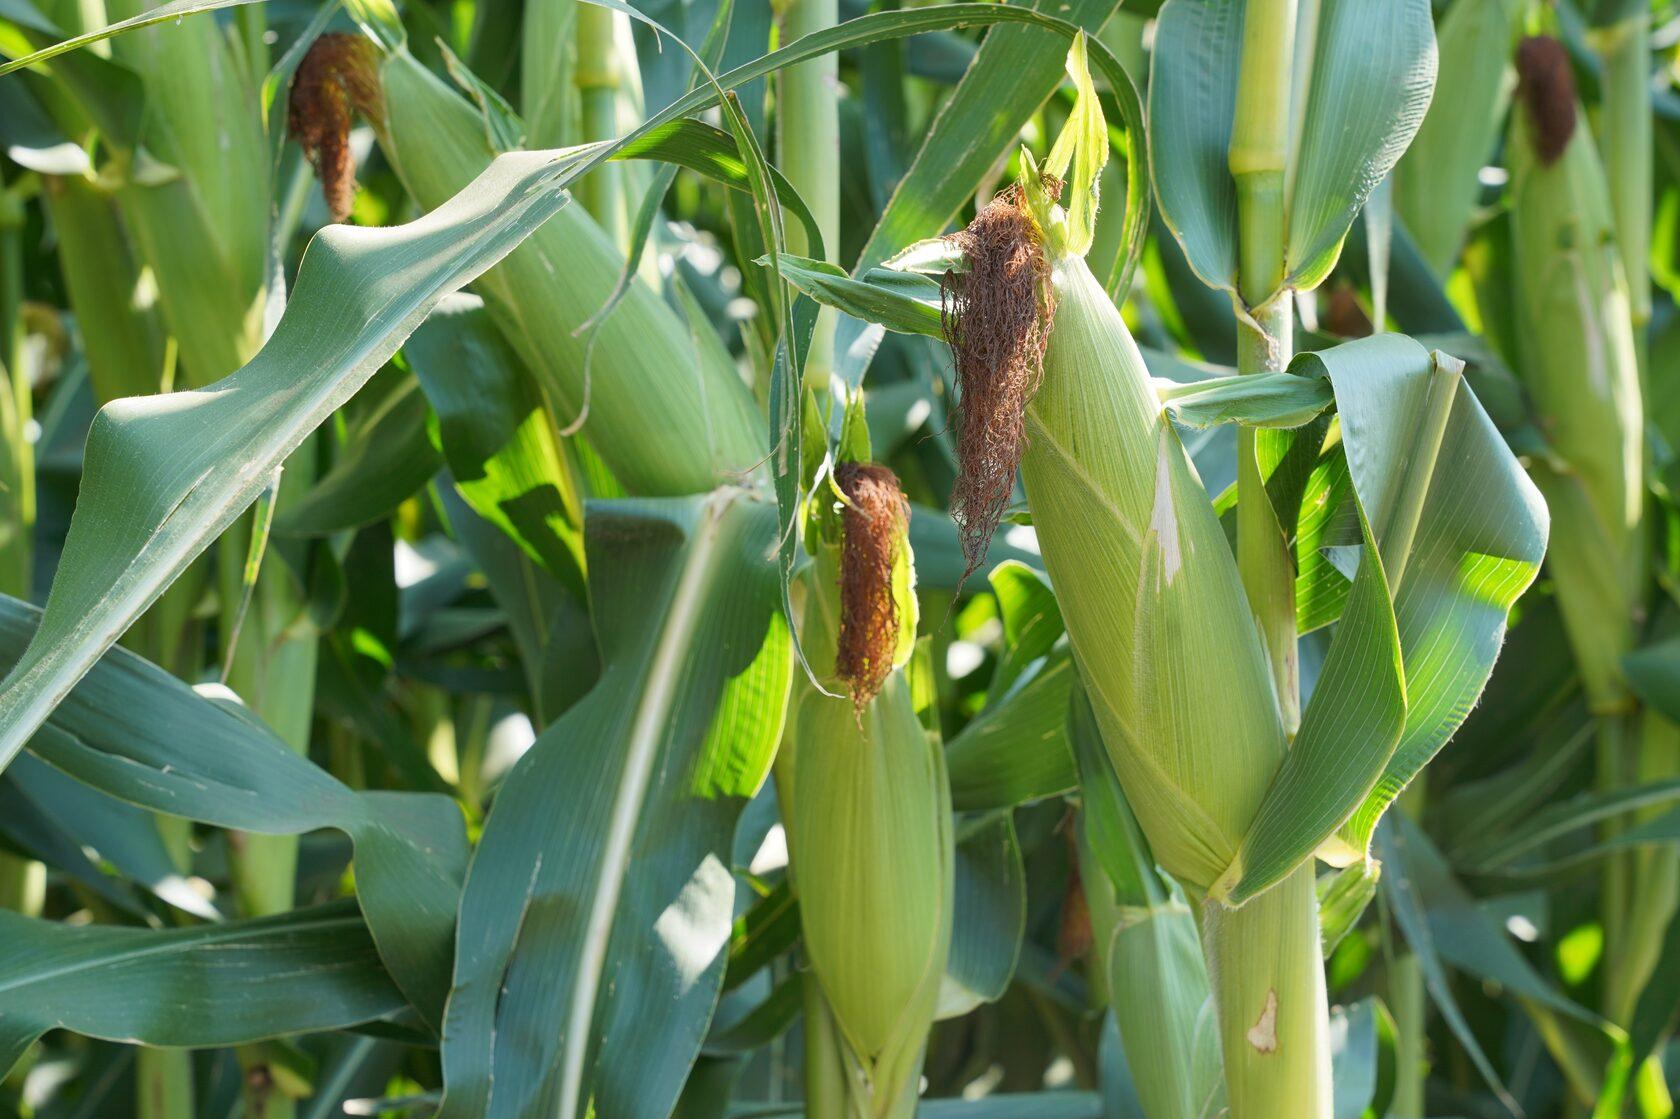 Не існує кукурудзи подвійних стандартів — ПРО ПЕРЕВАГИ СИЛОСНИХ ГІБРИДІВ UNIVERSEED фото 4 LNZ Group